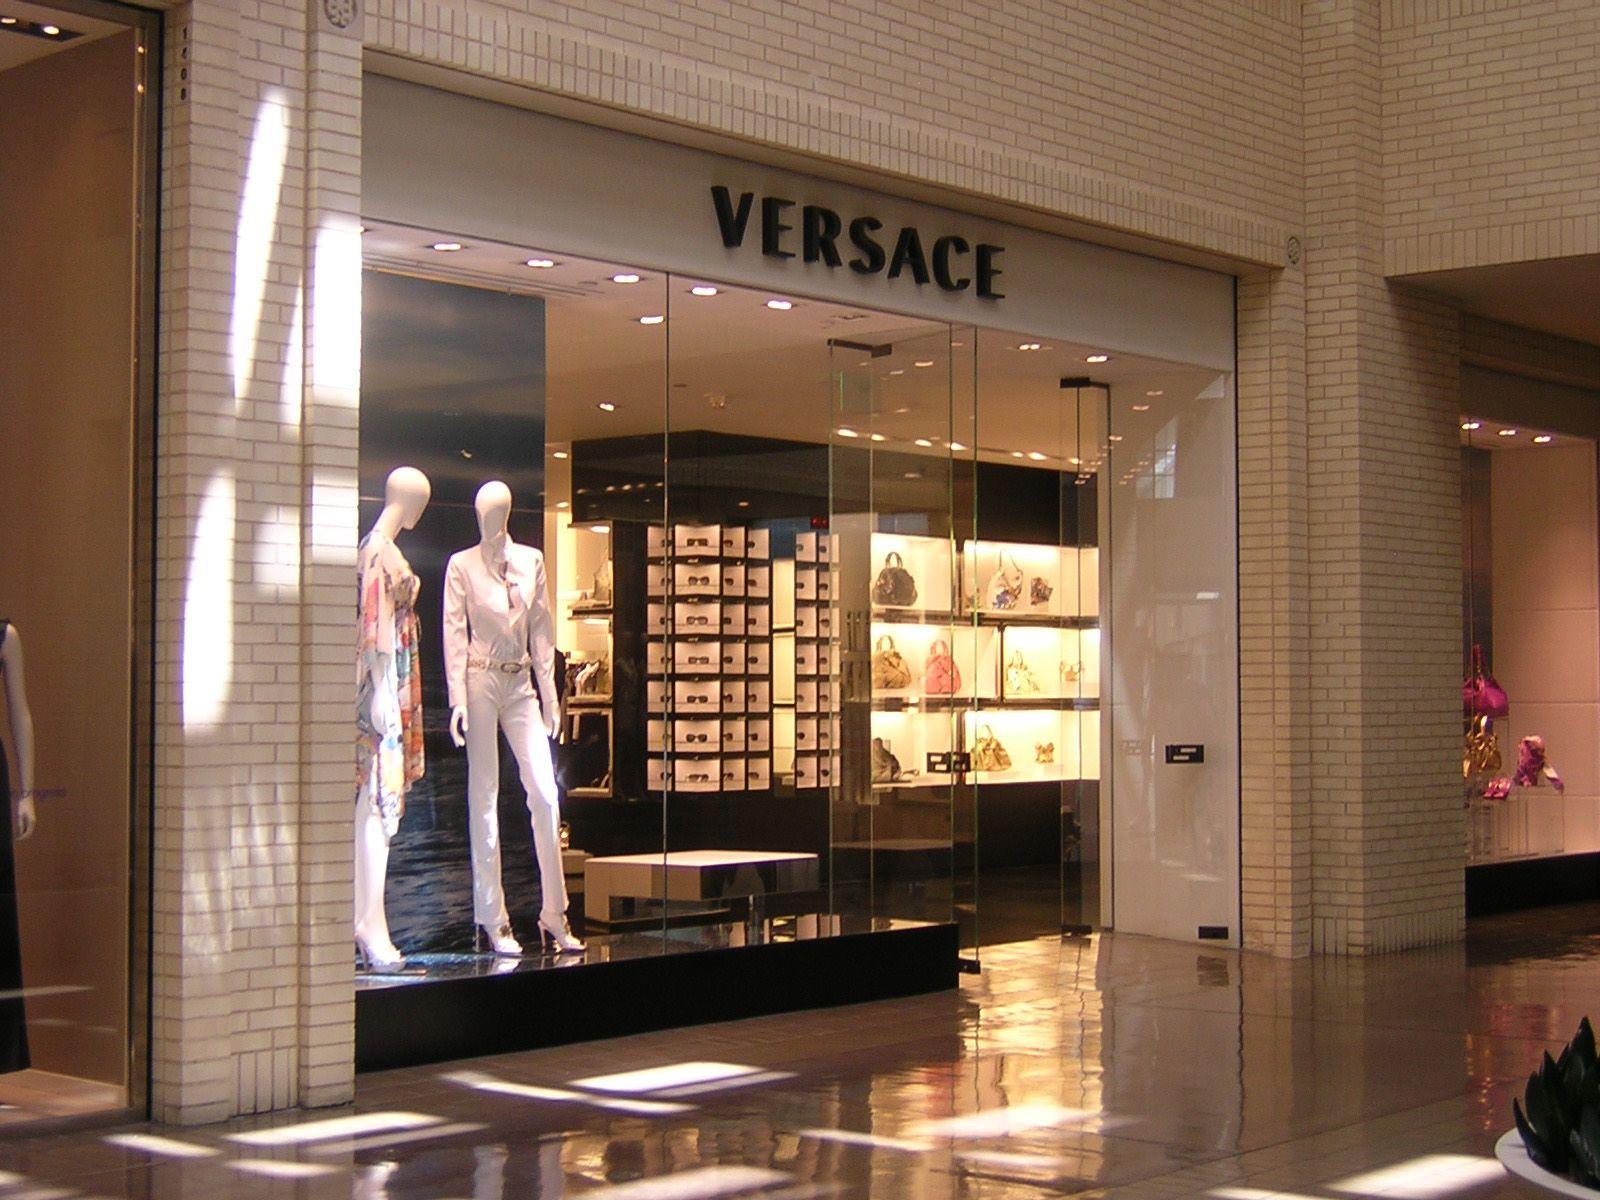 a14374d8dc Versace store in Northpark Mall in Dallas